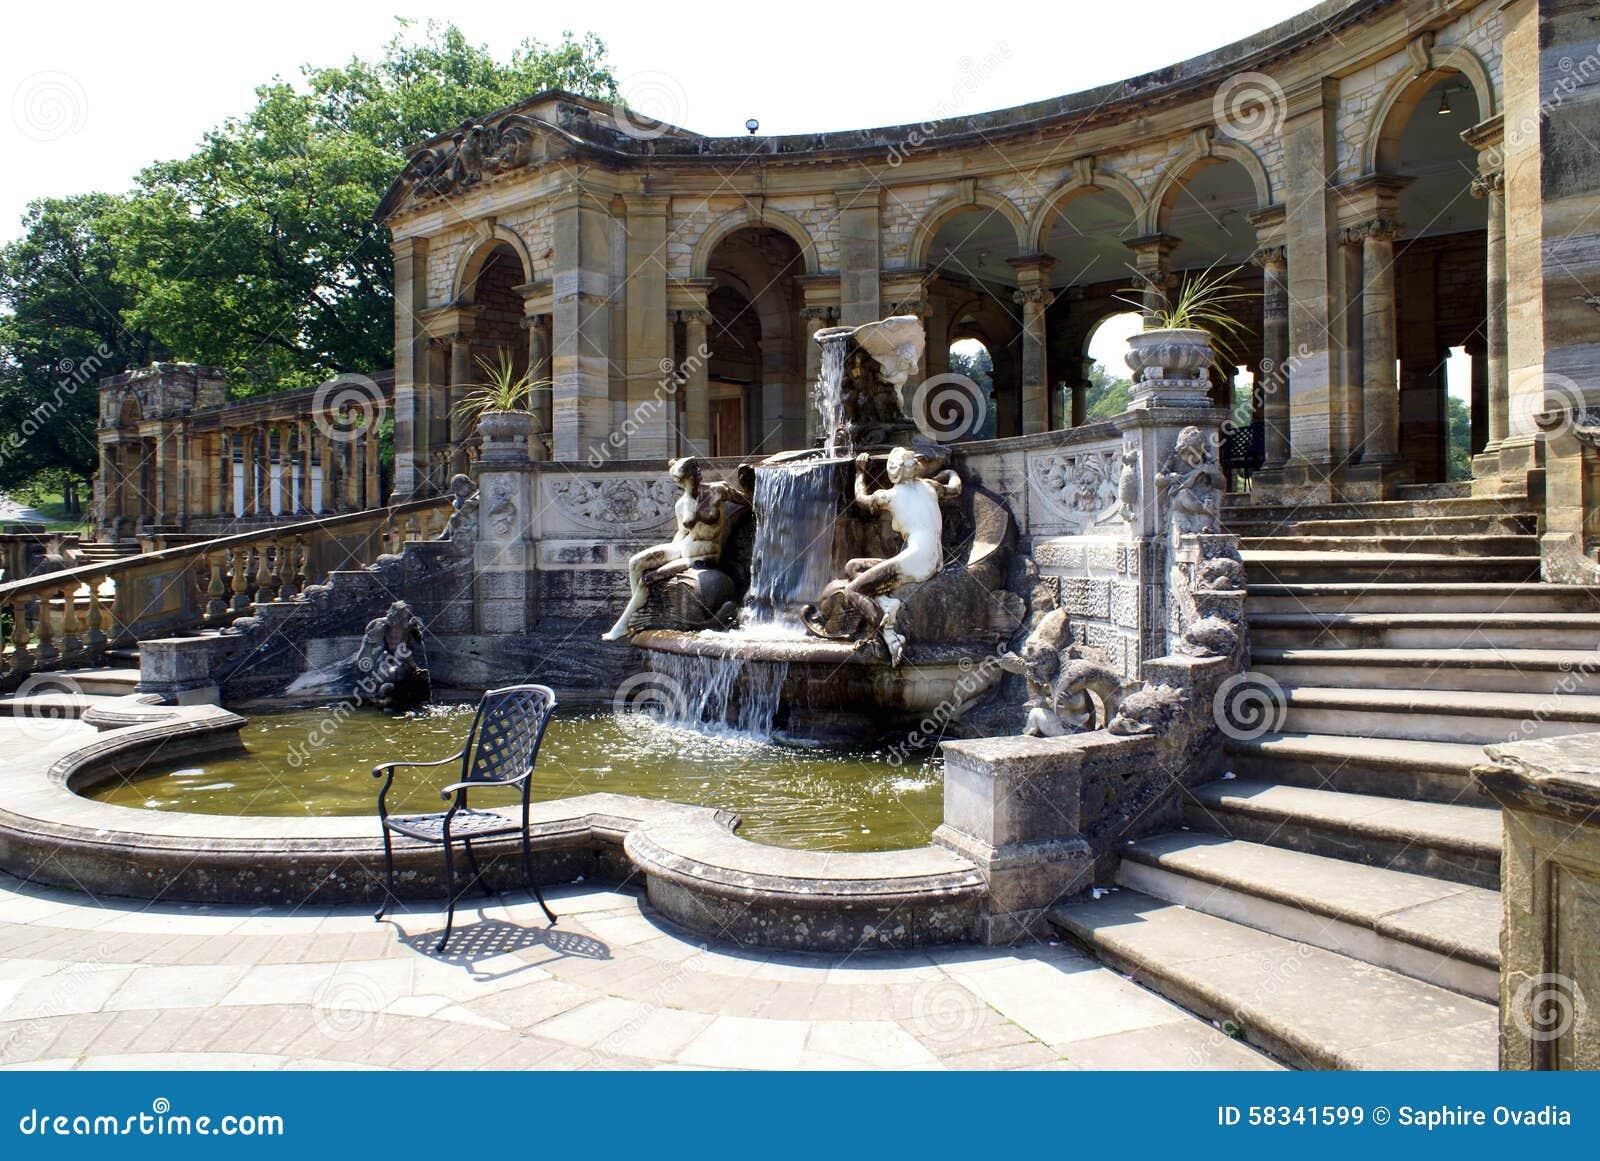 Hever slottspringbrunn & kolonnad i Hever, Edenbridge, Kent, England, Europa